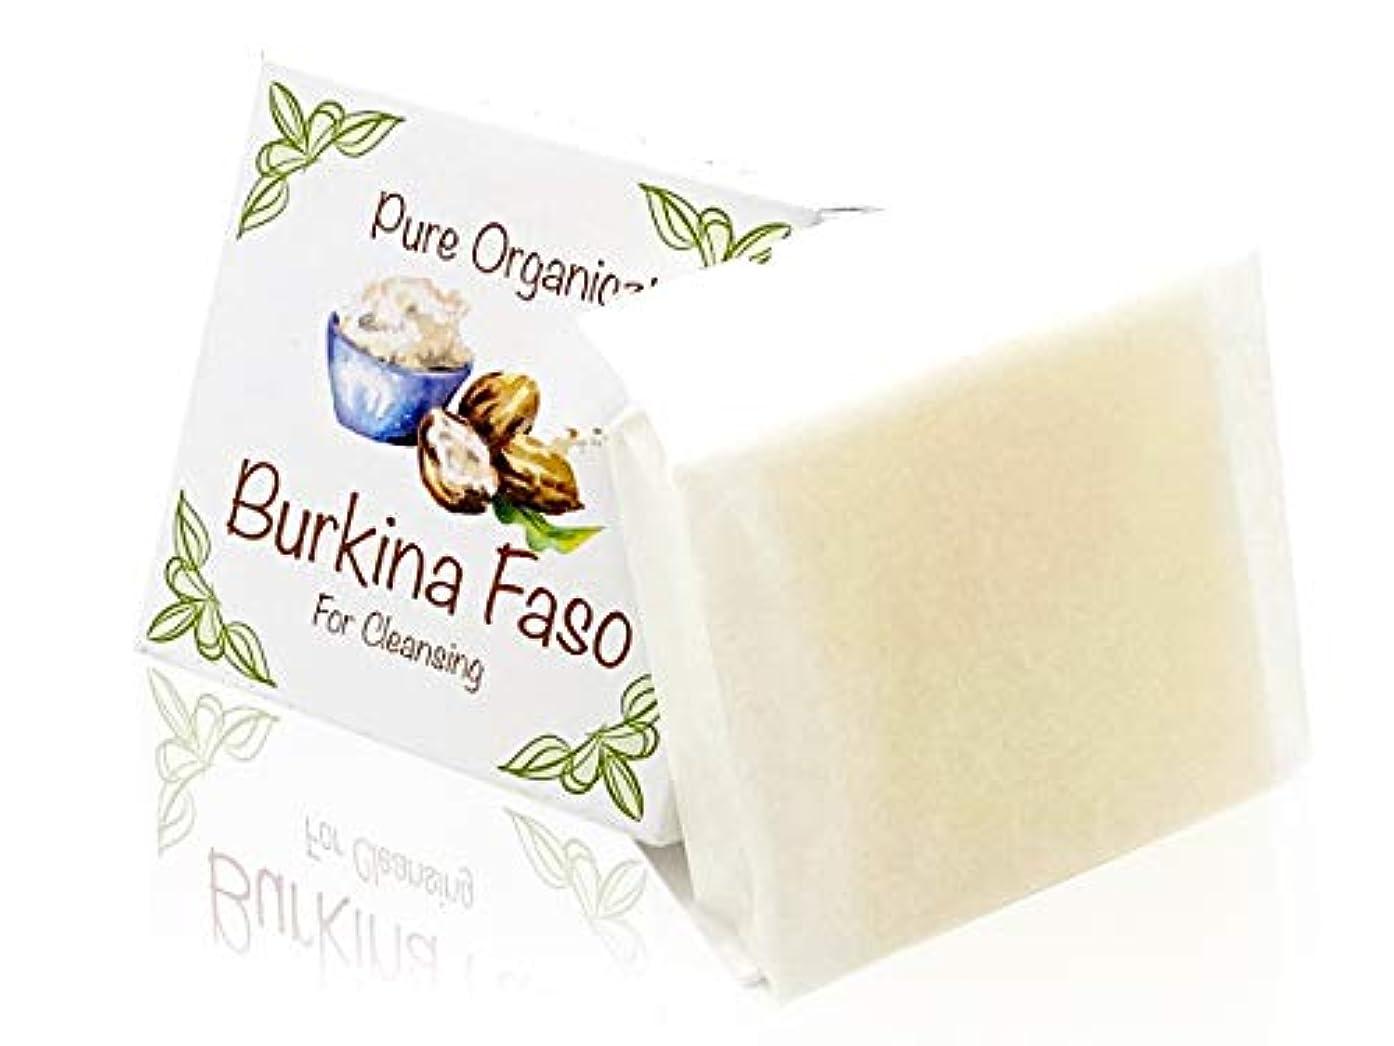 擬人駅カロリーシアバター 洗顔用石鹸 Burkina Faso Pure Organiczt 『無添加?毛穴?美白?保湿』